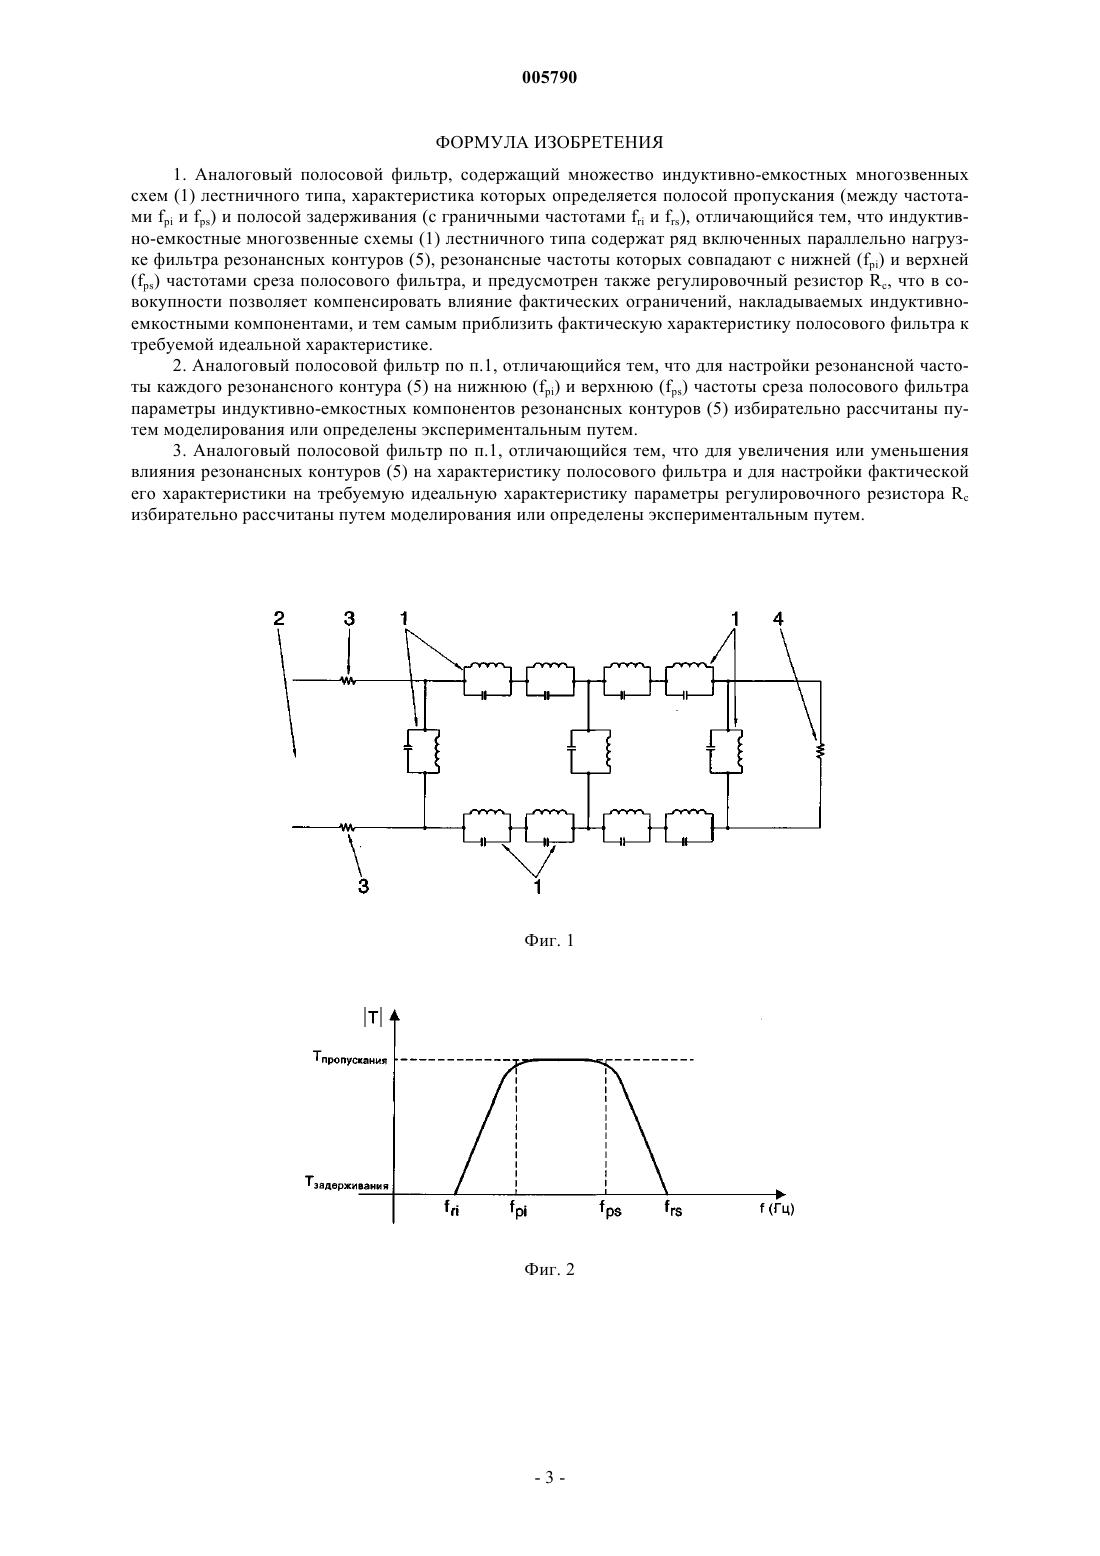 Схема п-образного индуктивно-емкостного фильтра